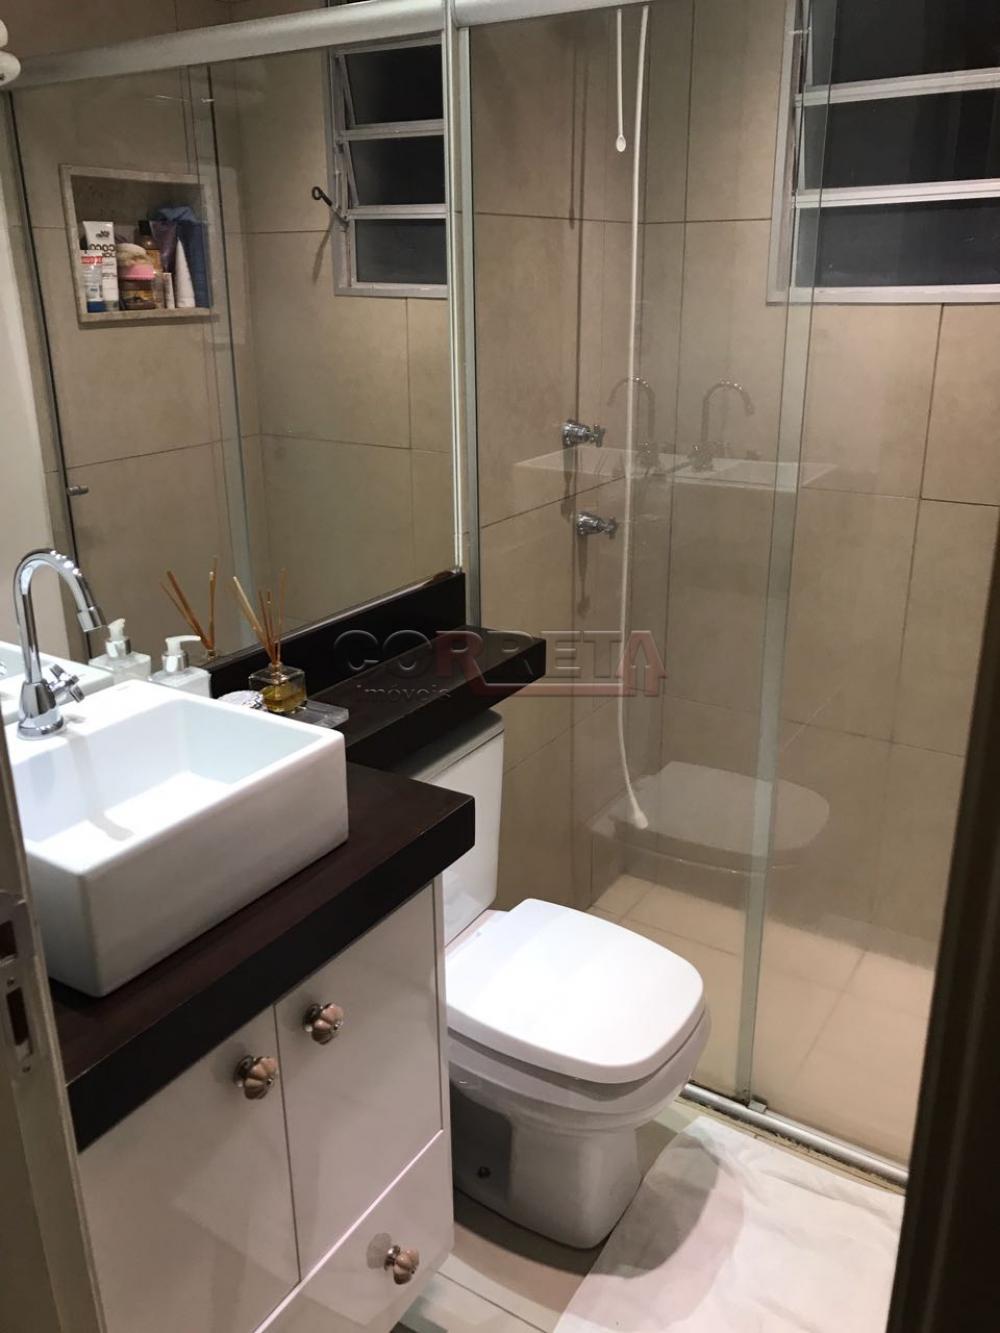 Comprar Apartamento / Padrão em Araçatuba apenas R$ 160.000,00 - Foto 2